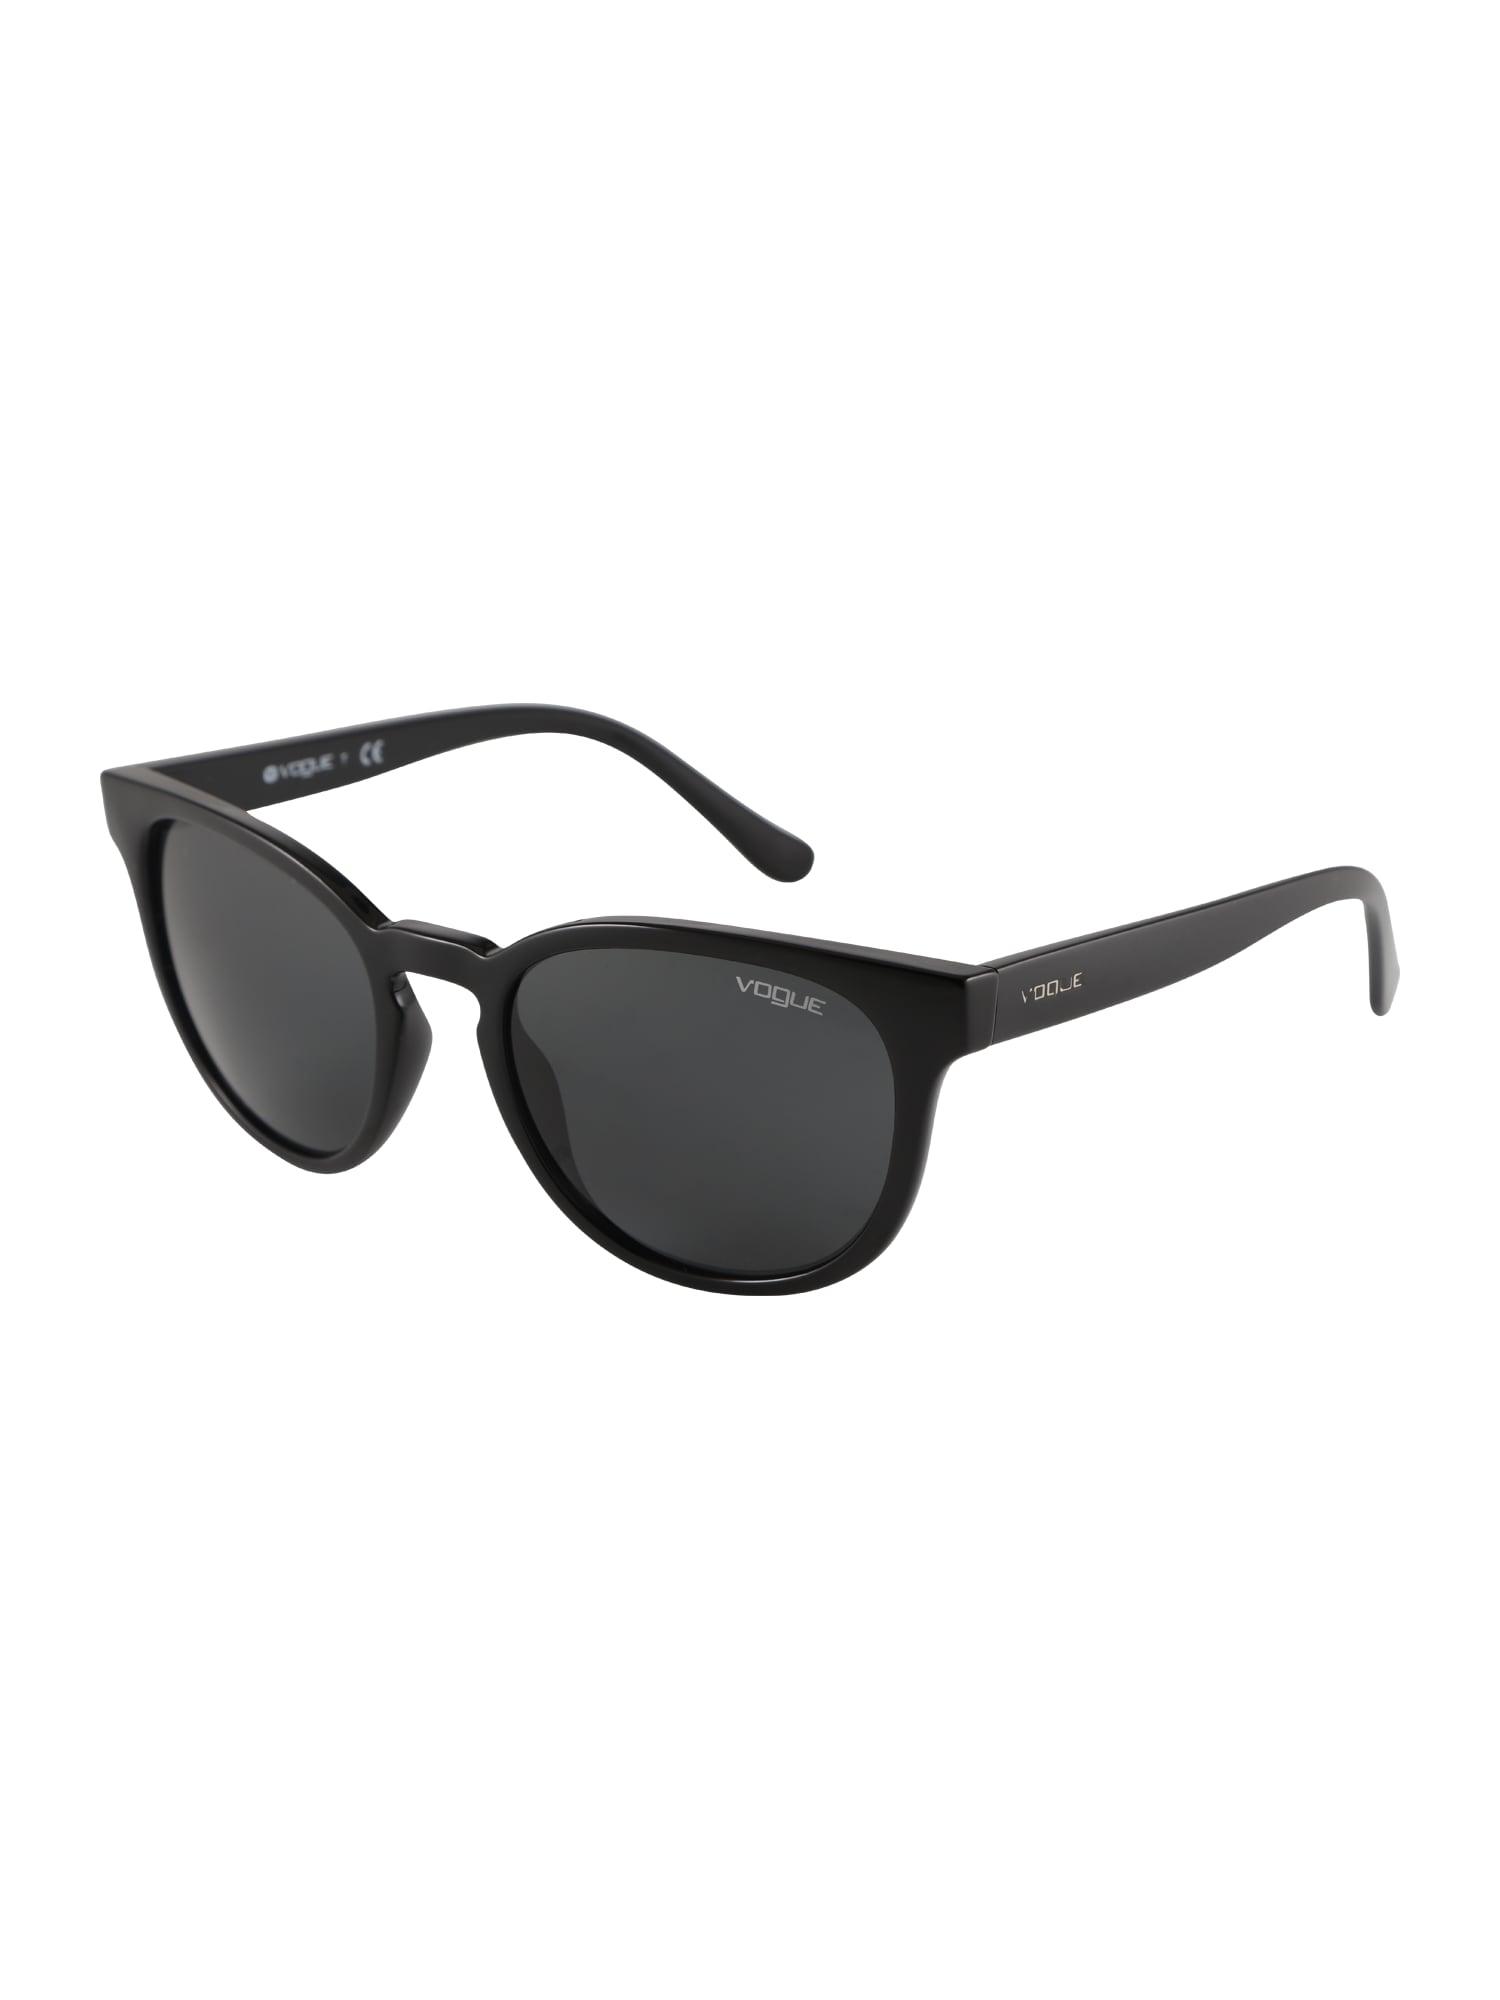 VOGUE Eyewear Akiniai nuo saulės juoda